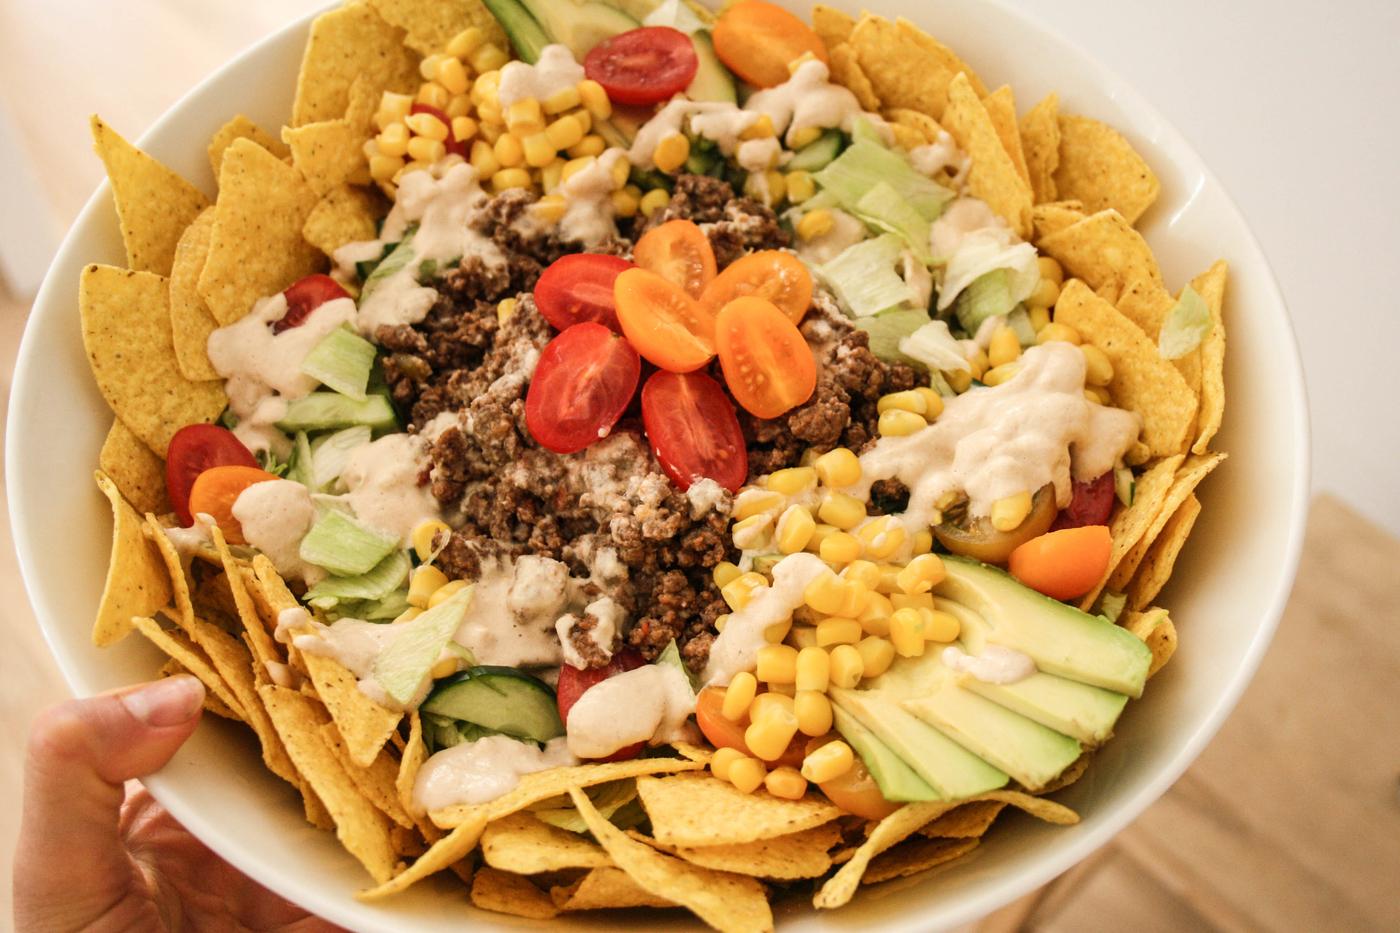 KLASSIKKO: texmex-salaatti (+maidoton kastike)